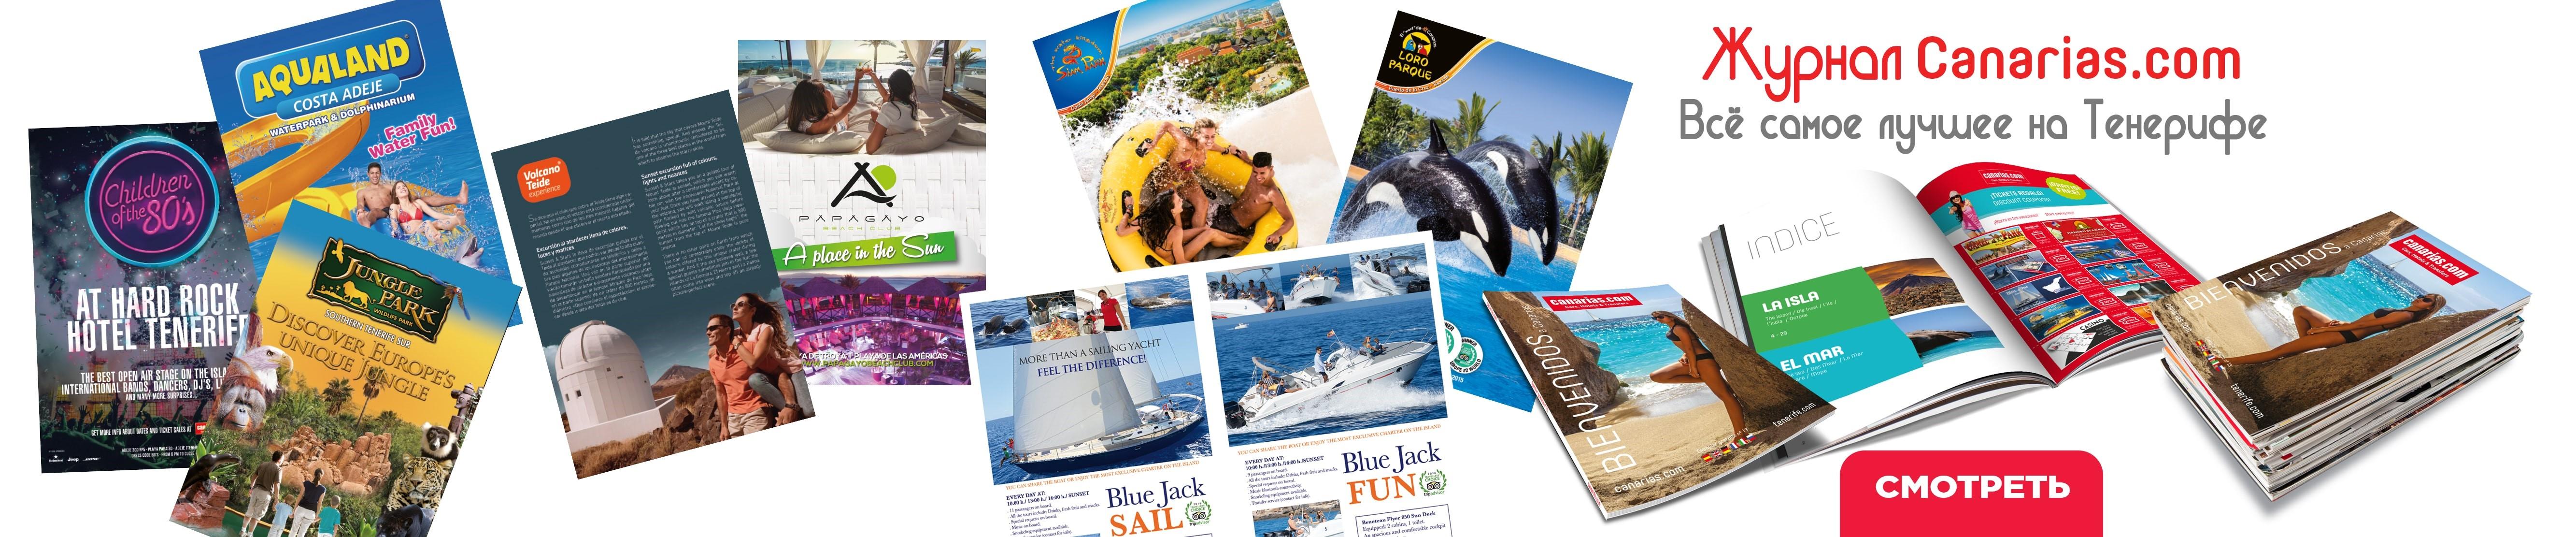 Журнал Canarias.com